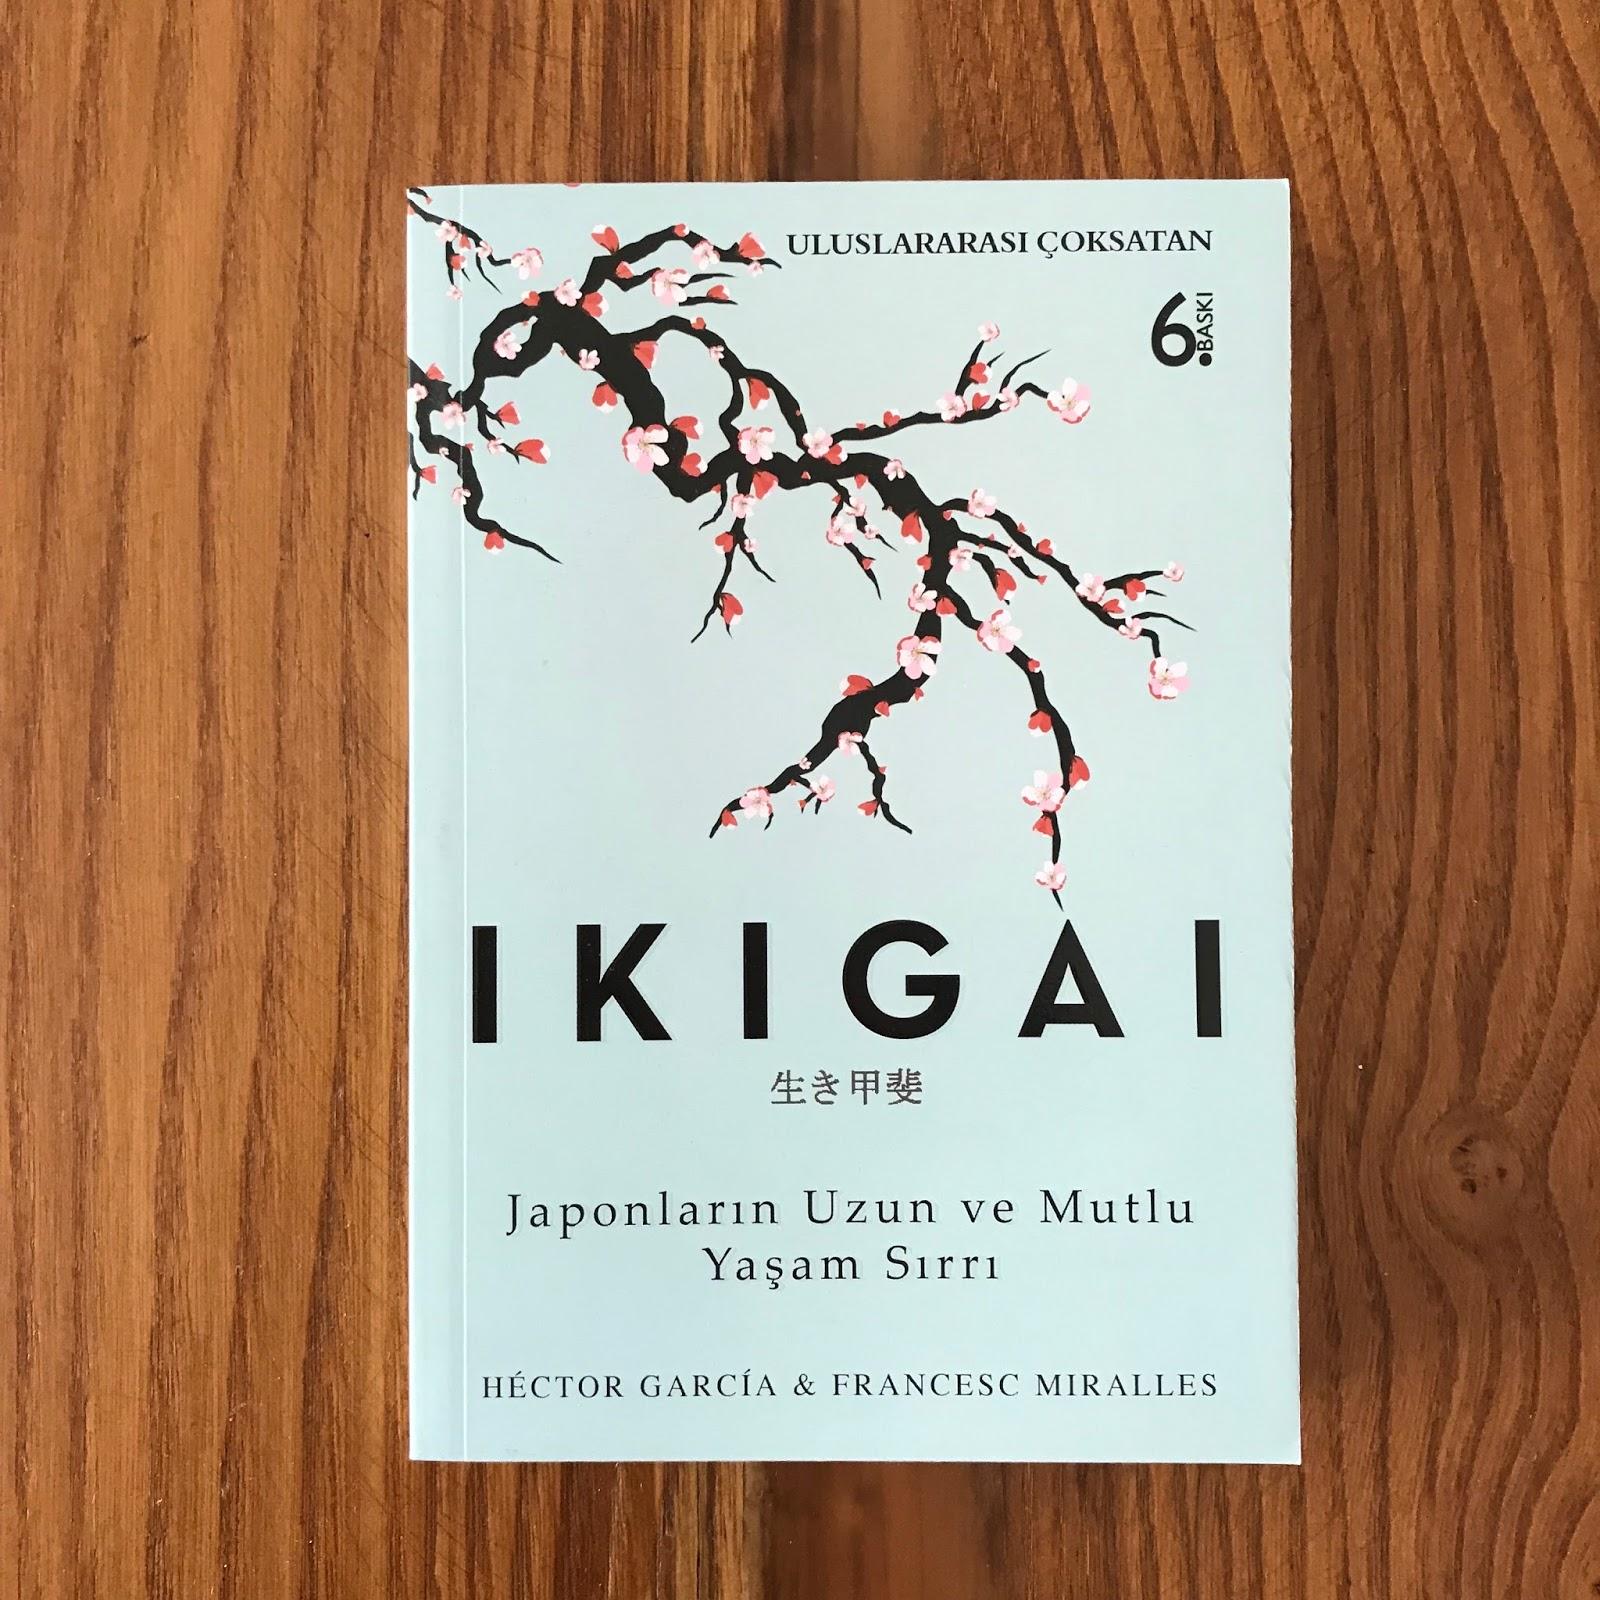 Ikigai - Japonlarin Uzun ve Mutlu Yasam Sirri